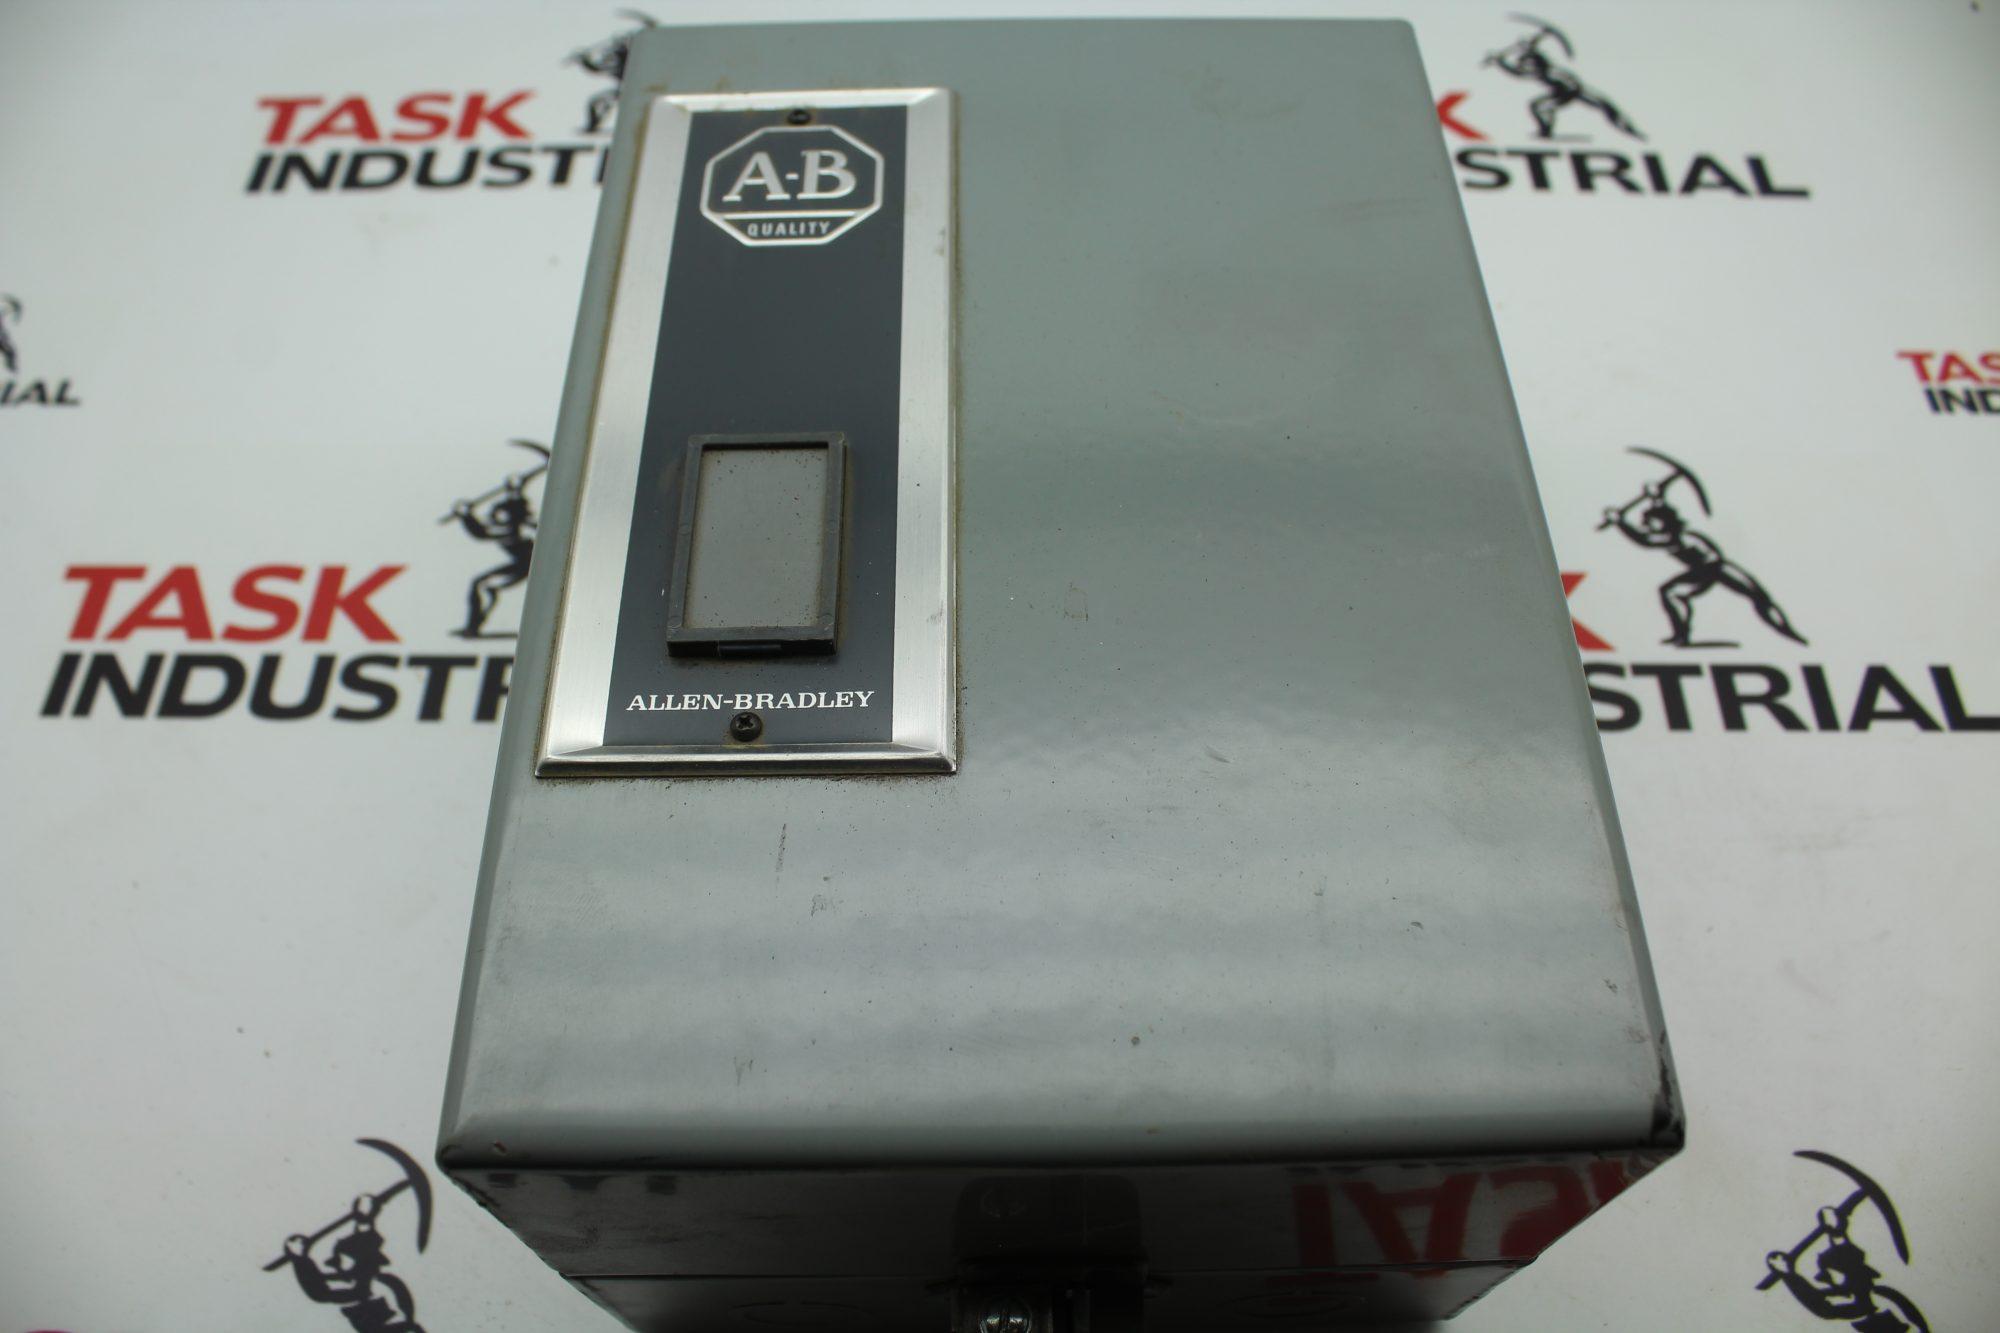 Allen-Bradley AC Contacter Size 0 NEMA Type 1 Enclosure 500AAA930 Series B